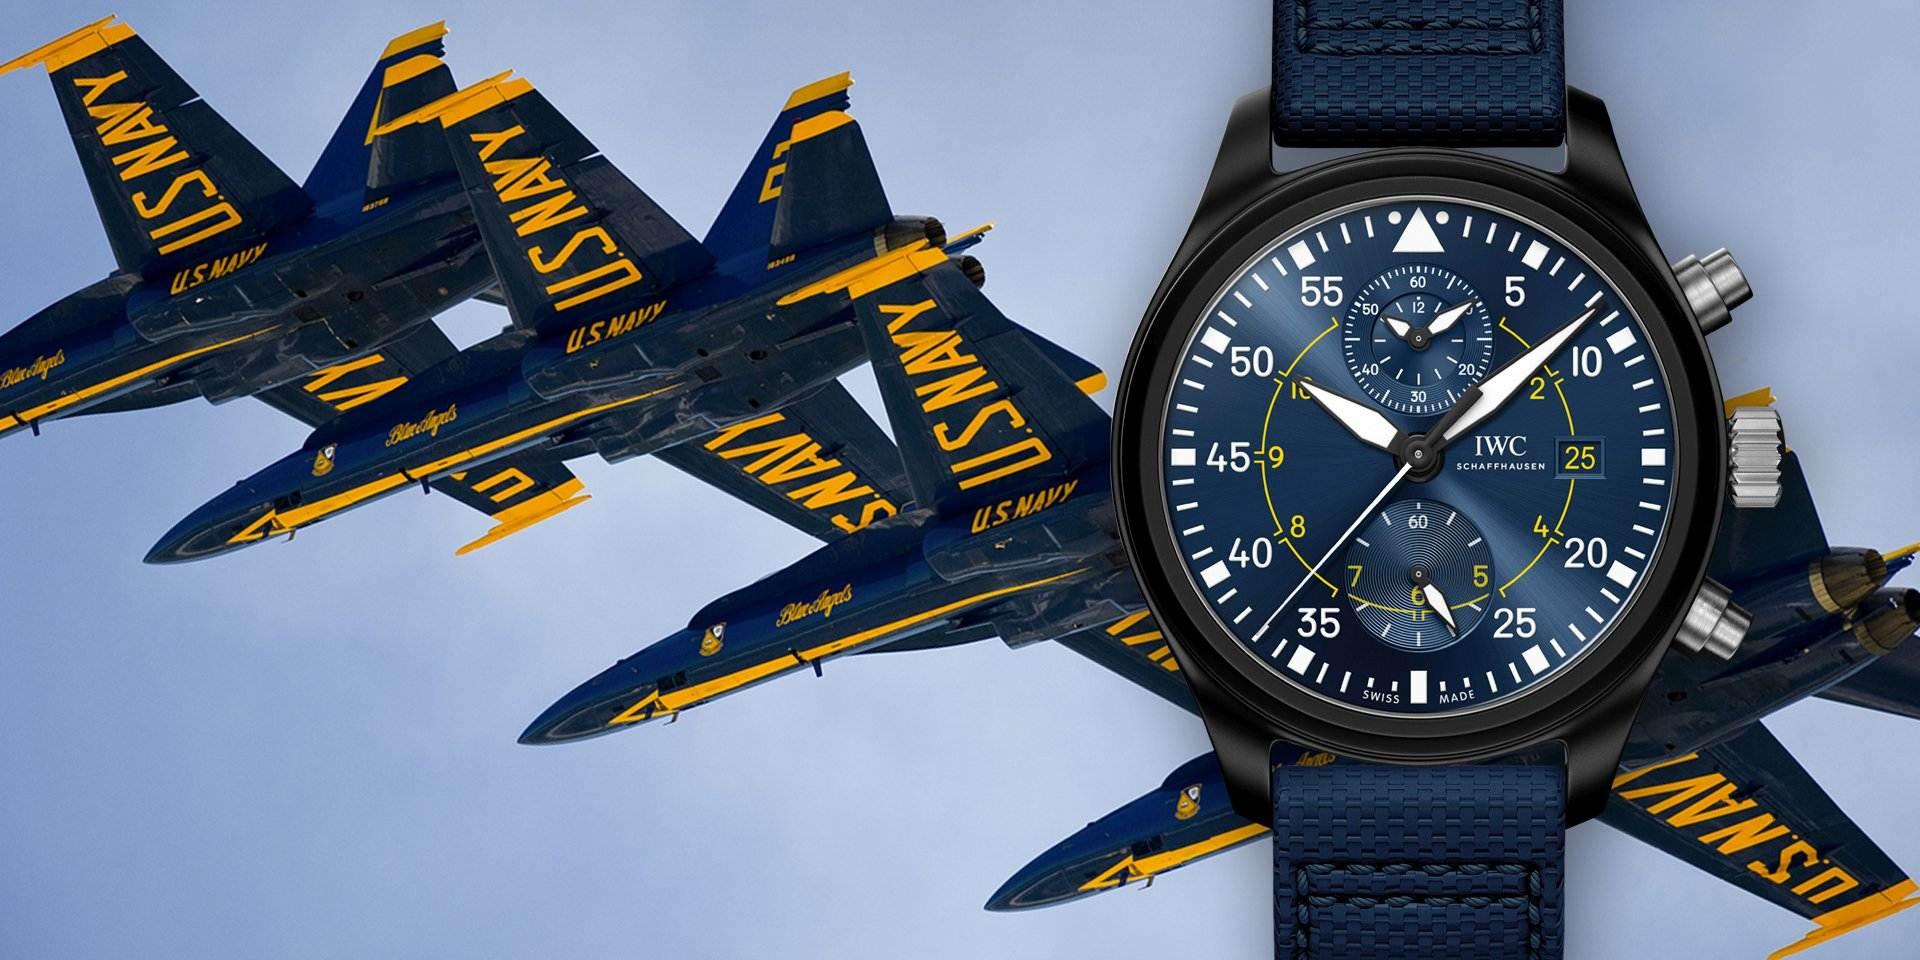 膺任美國海軍特技飛行隊官方合作夥伴,IWC推出飛行員計時腕錶「藍天使」BLUE ANGELS特別版